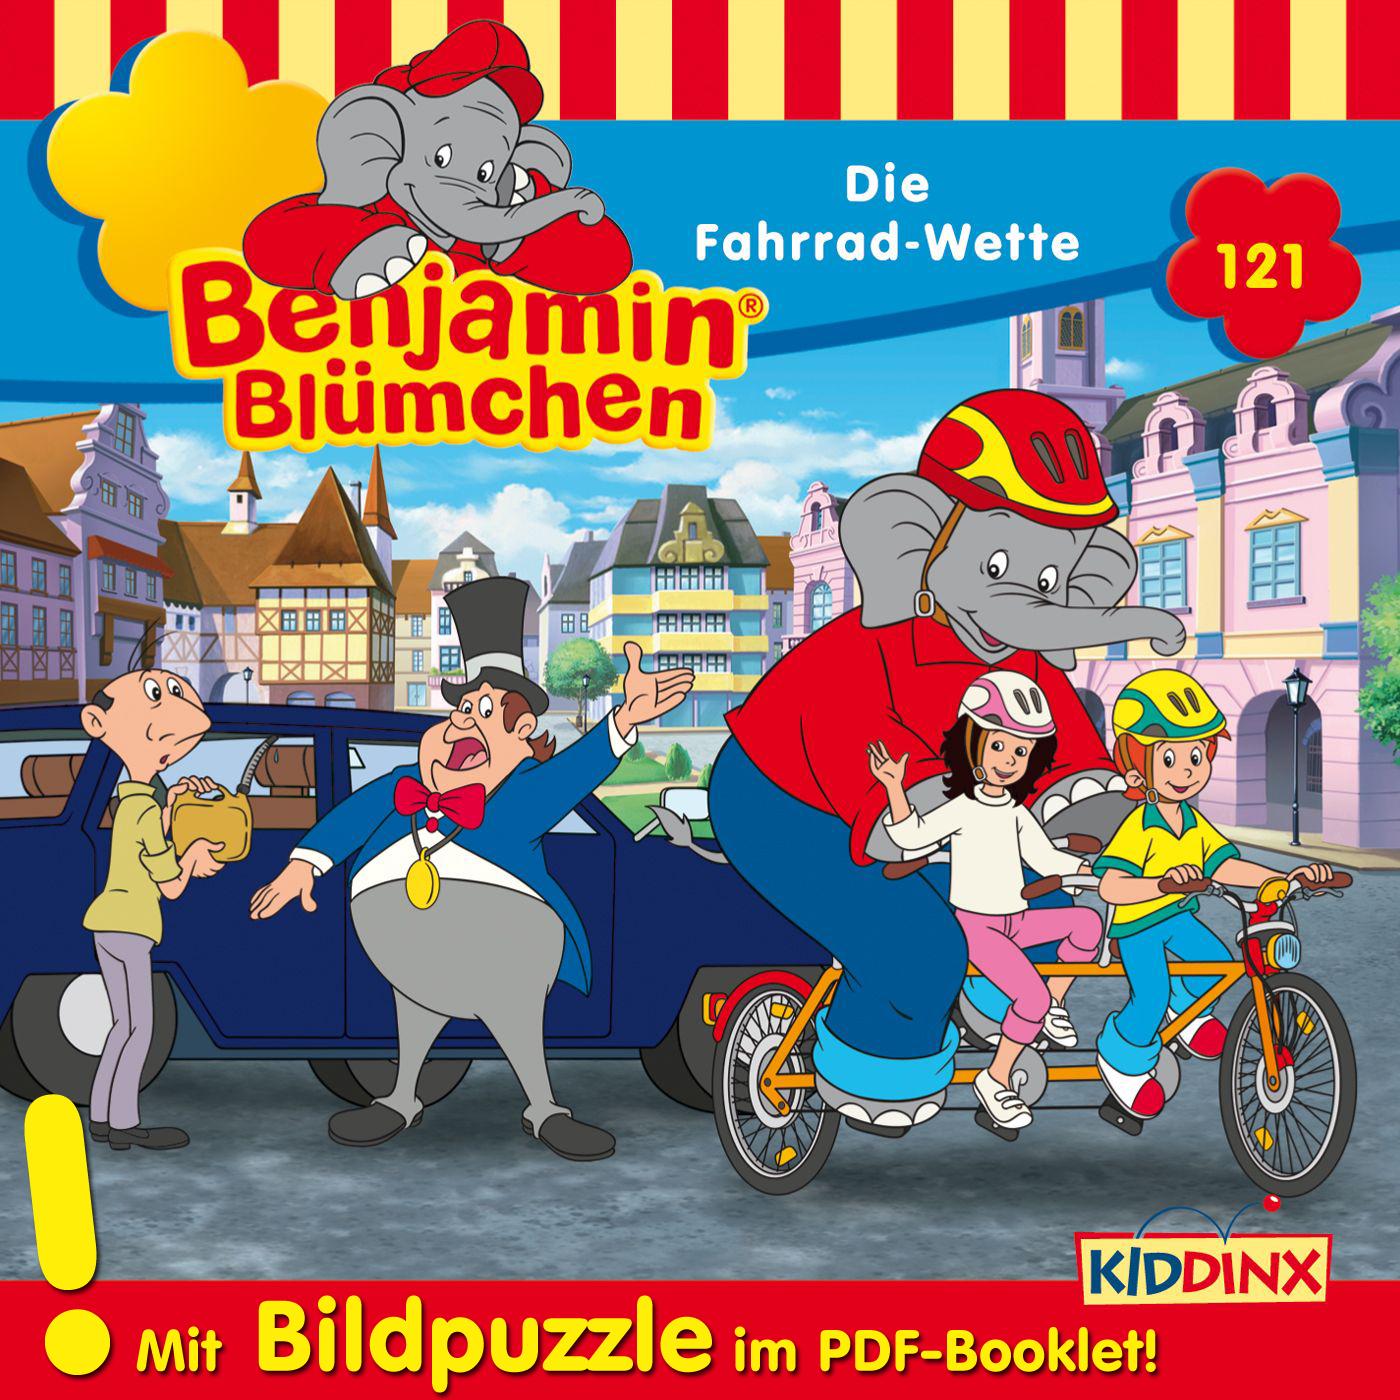 Benjamin Blümchen: Die Fahrrad-Wette (Folge 121)